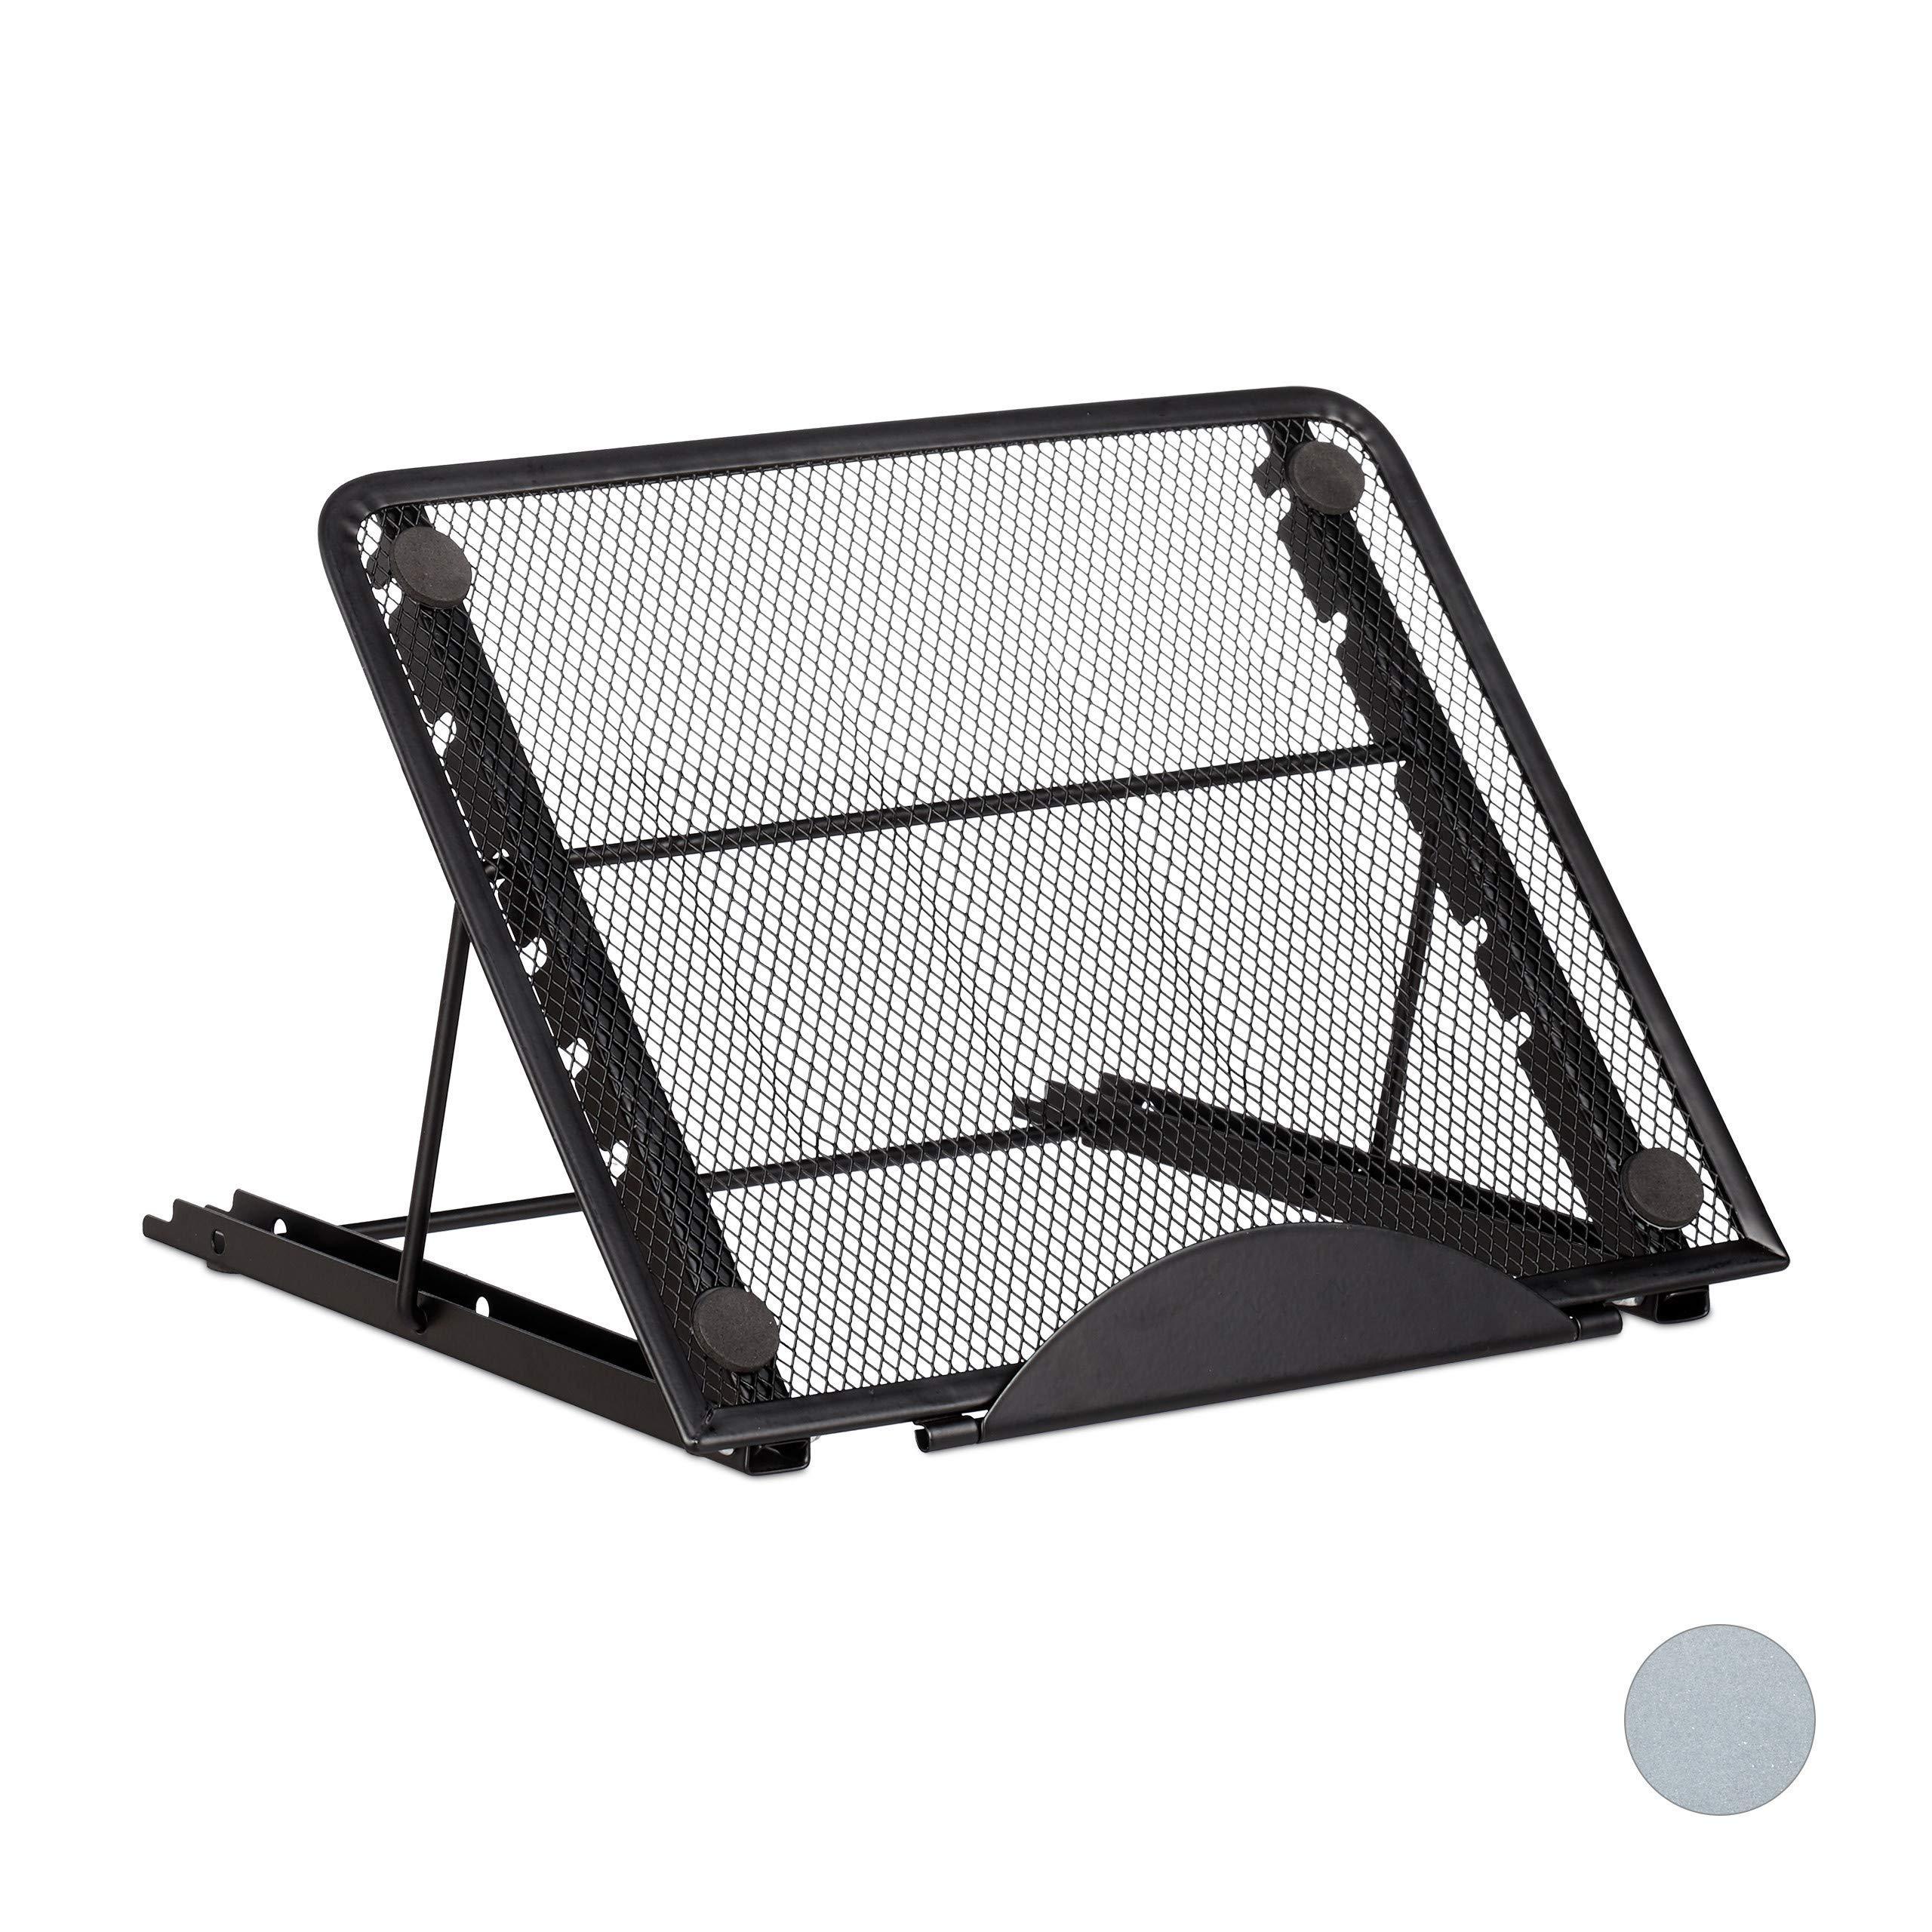 Relaxdaysタブレットホルダー、調節可能なテーブルの脚、12インチが標準10024813_46黒の大きなタブレットPC、スマートフォン、金属ステント、様々な色を*